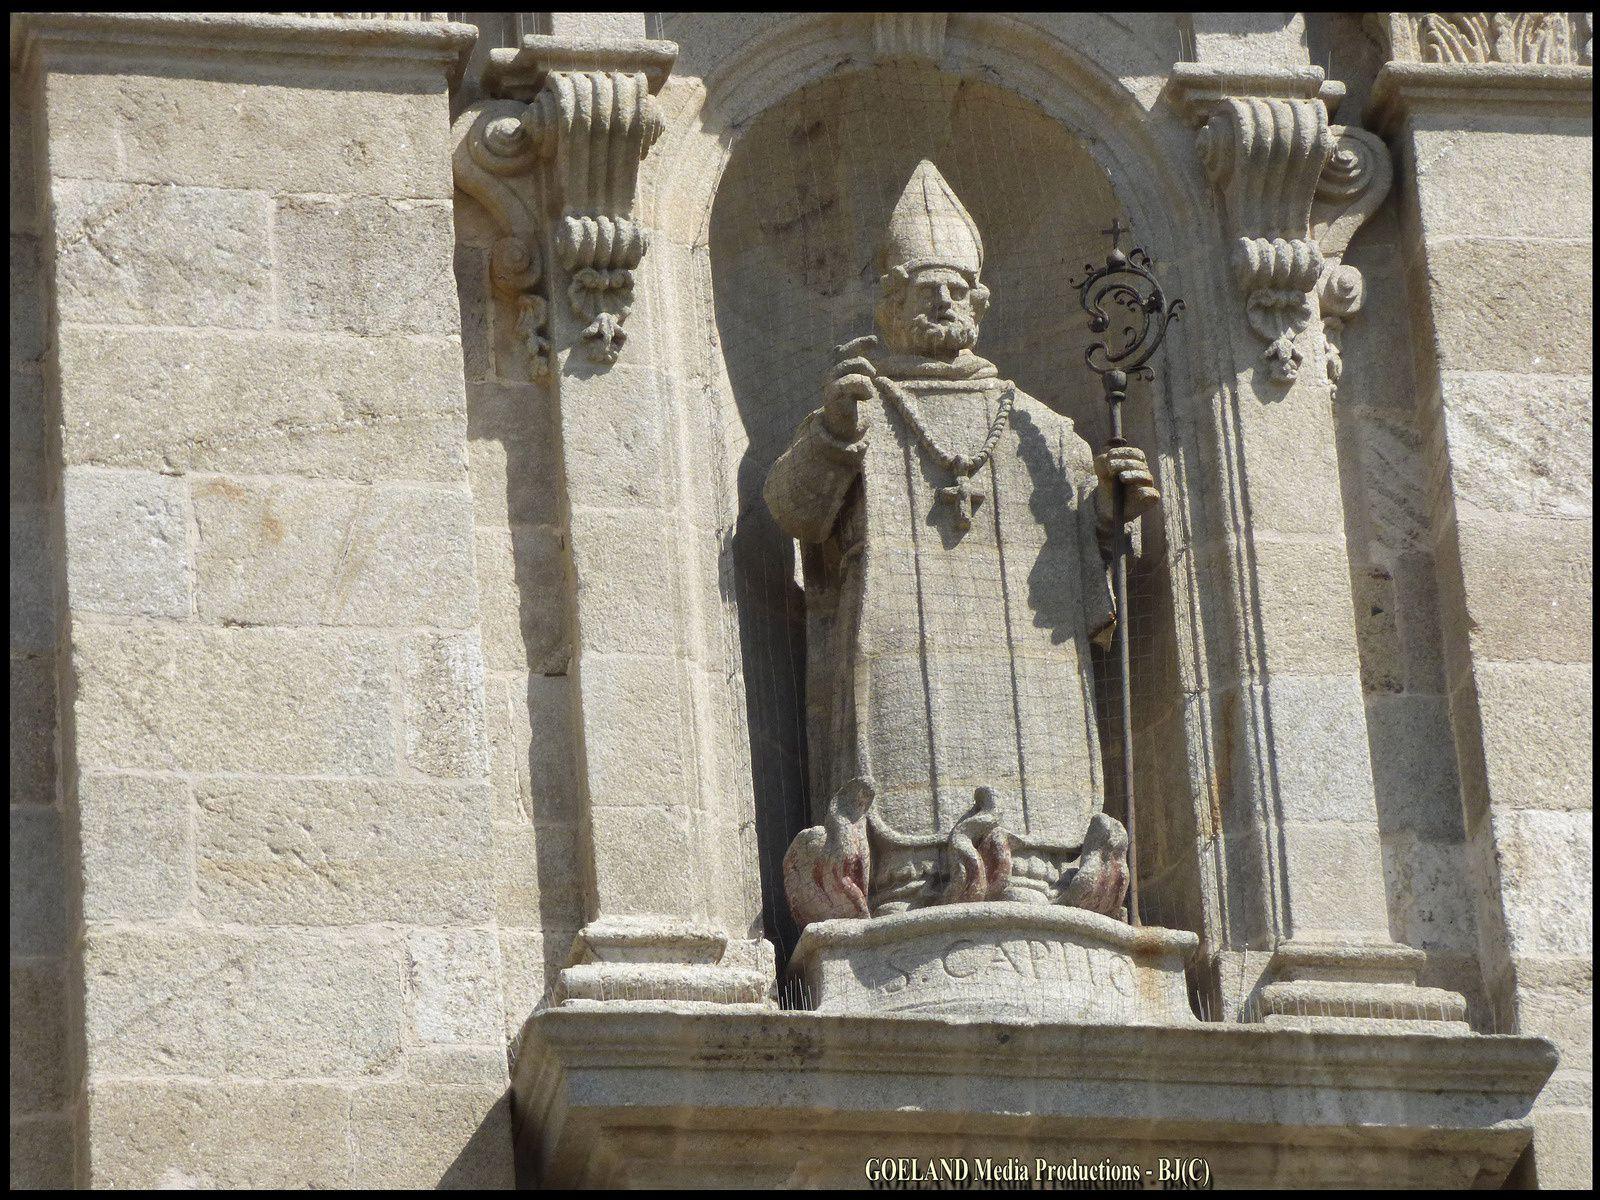 CATHEDRALE Santa Maria de LUGO  -  photos GMP BJ(C)